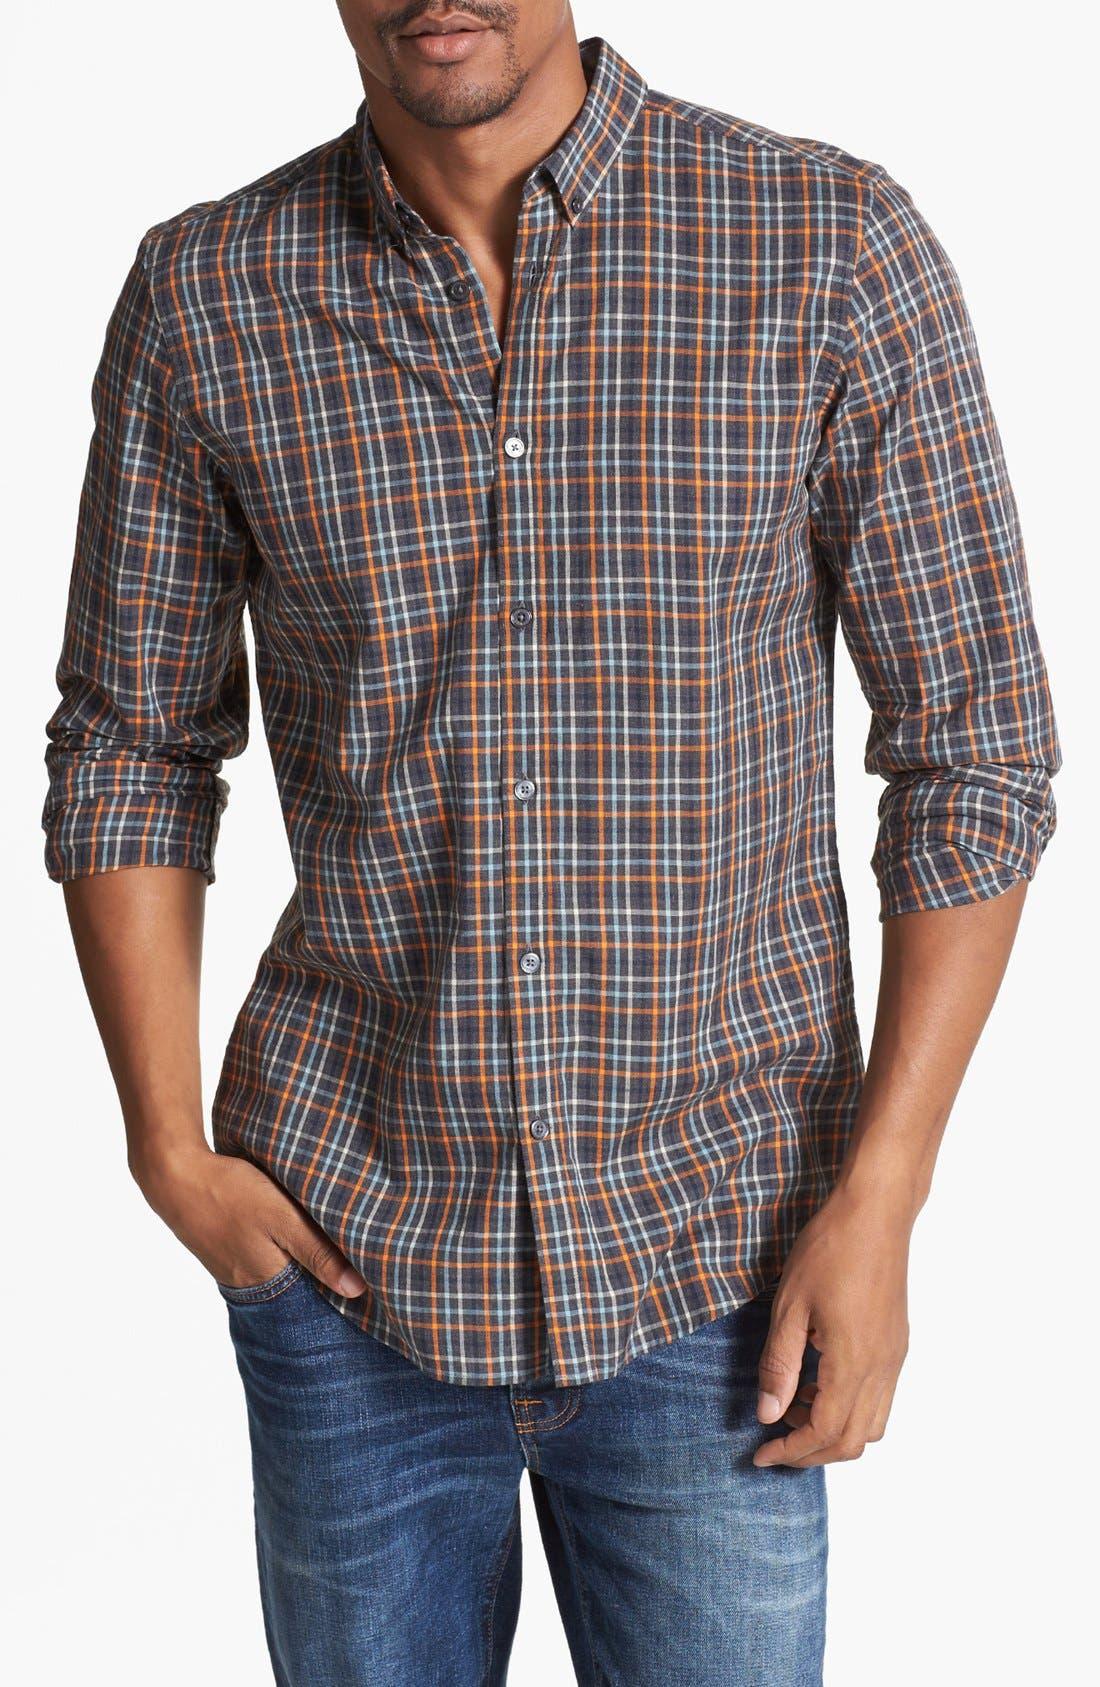 Alternate Image 1 Selected - Ben Sherman Slim Fit Plaid Shirt